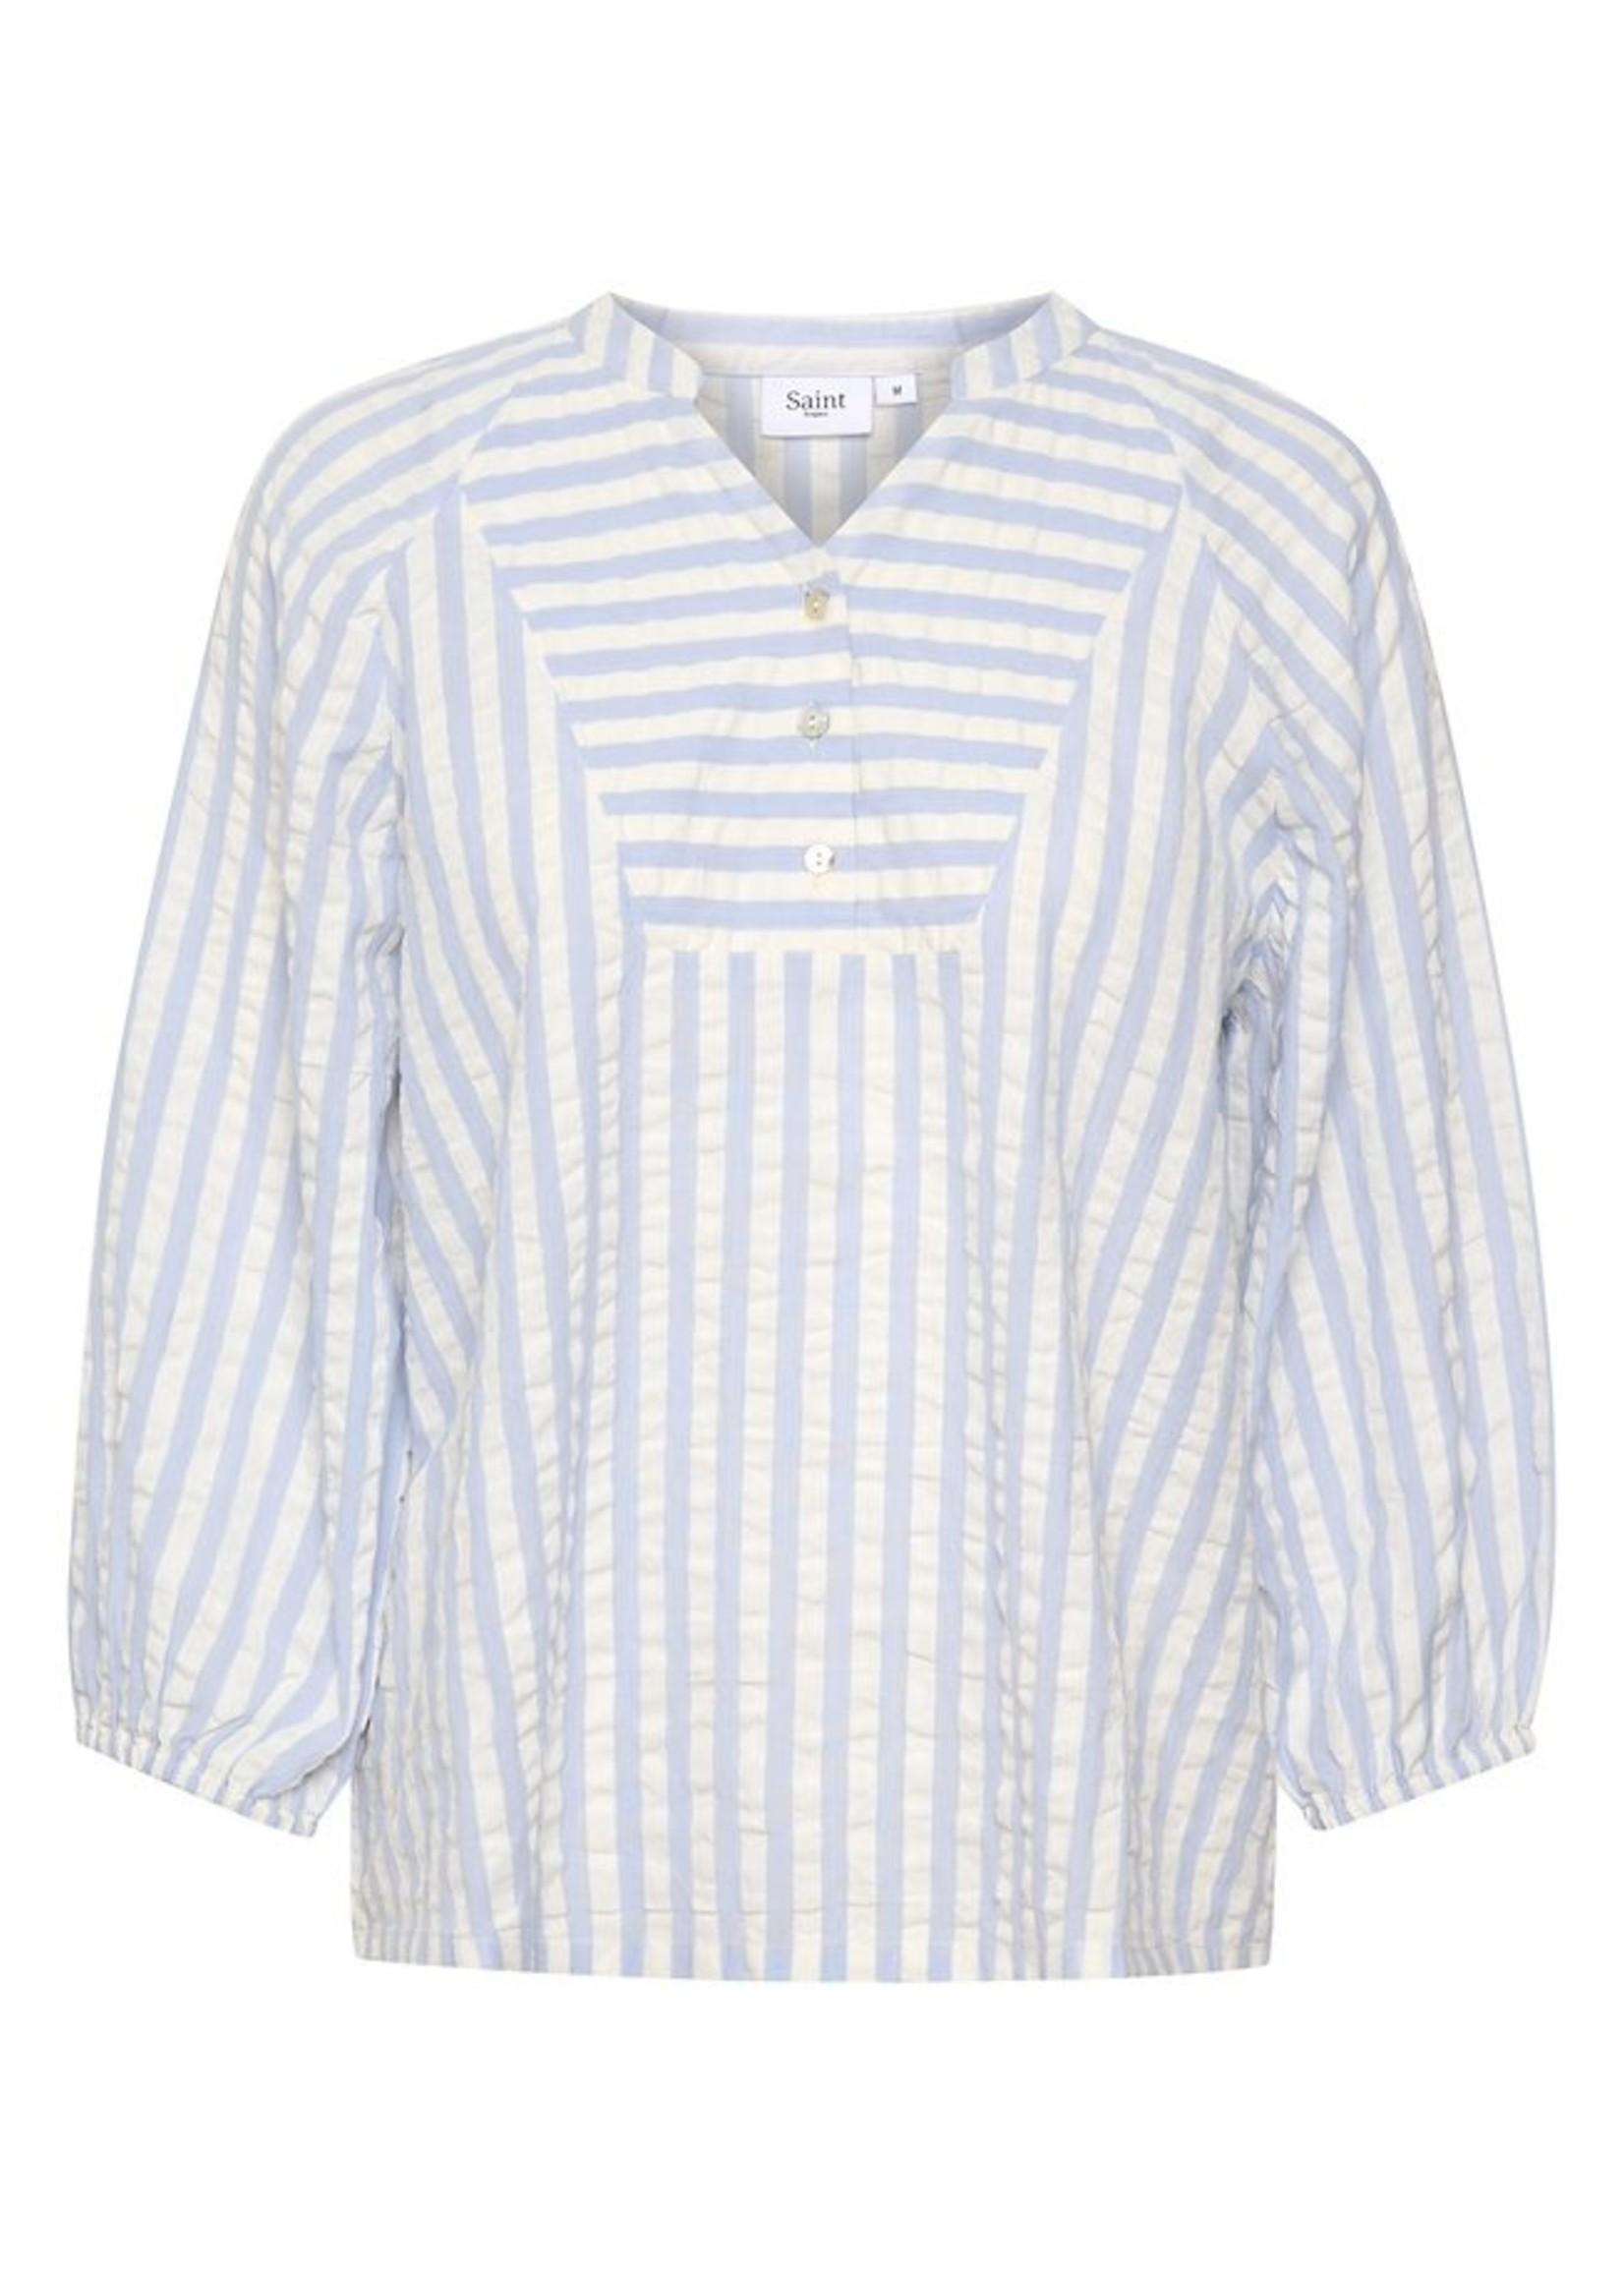 Saint Tropez IzaSZ Shirt